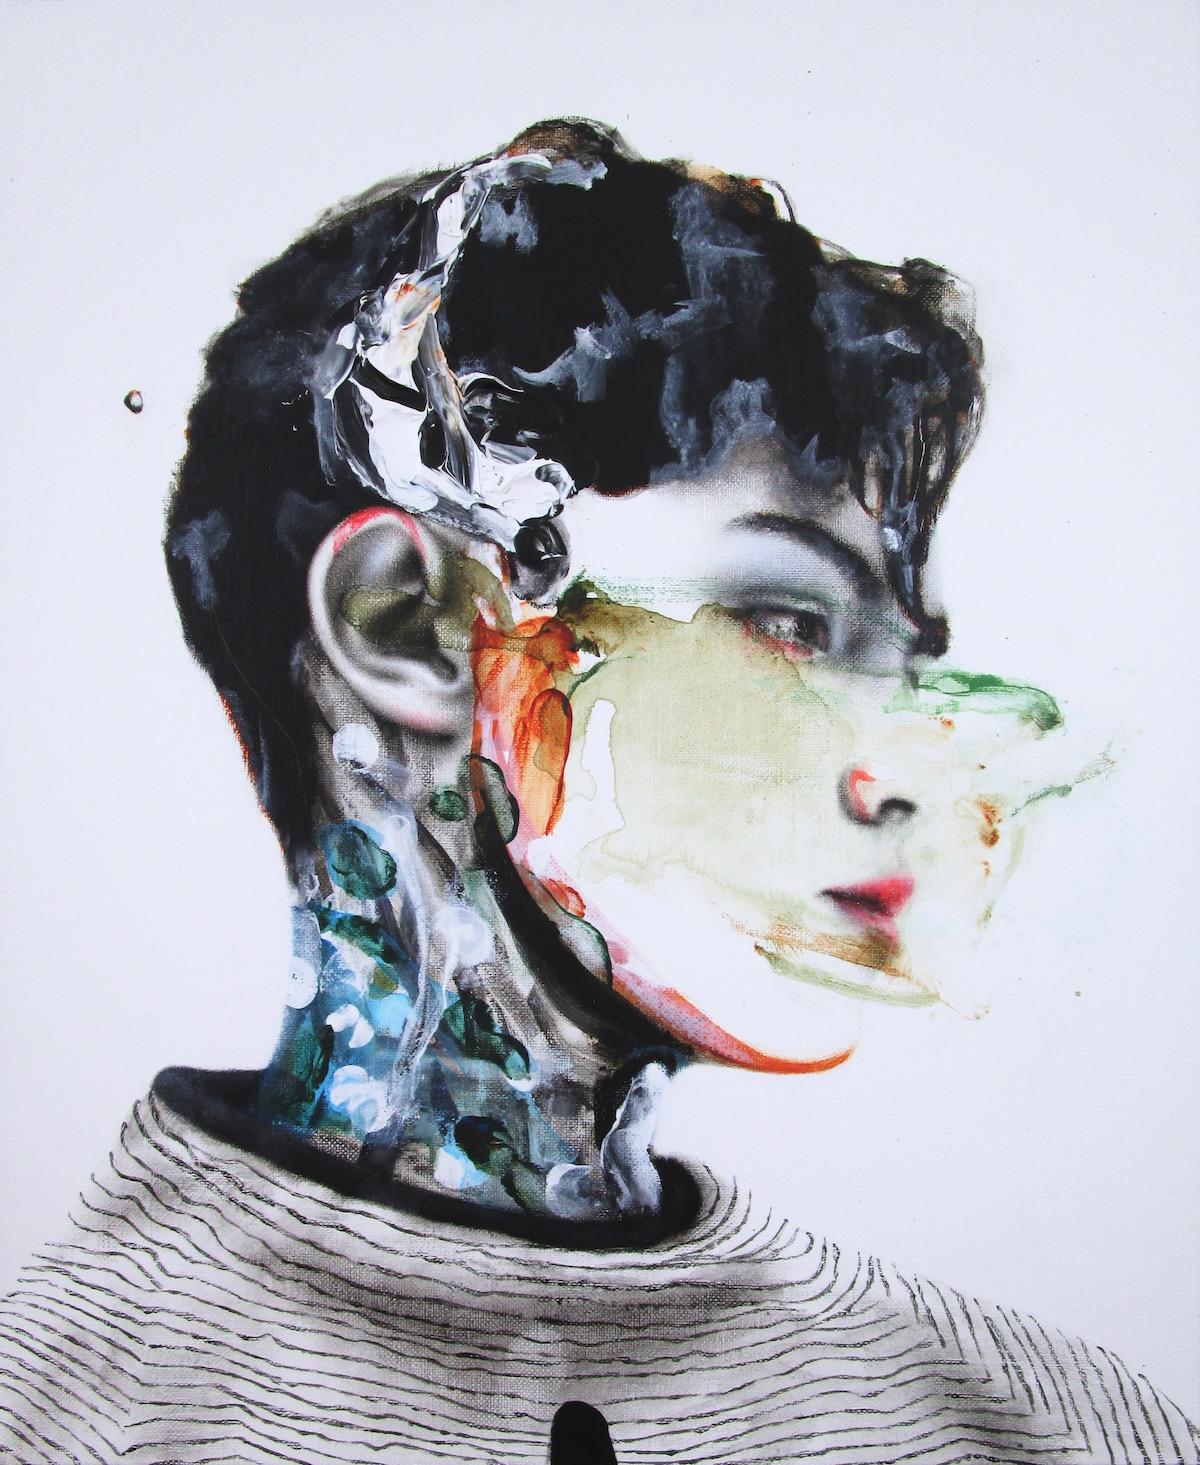 antoine cordet canvas toile peinture painting portrait art artist artiste peintre acrylic oil my delicate punch